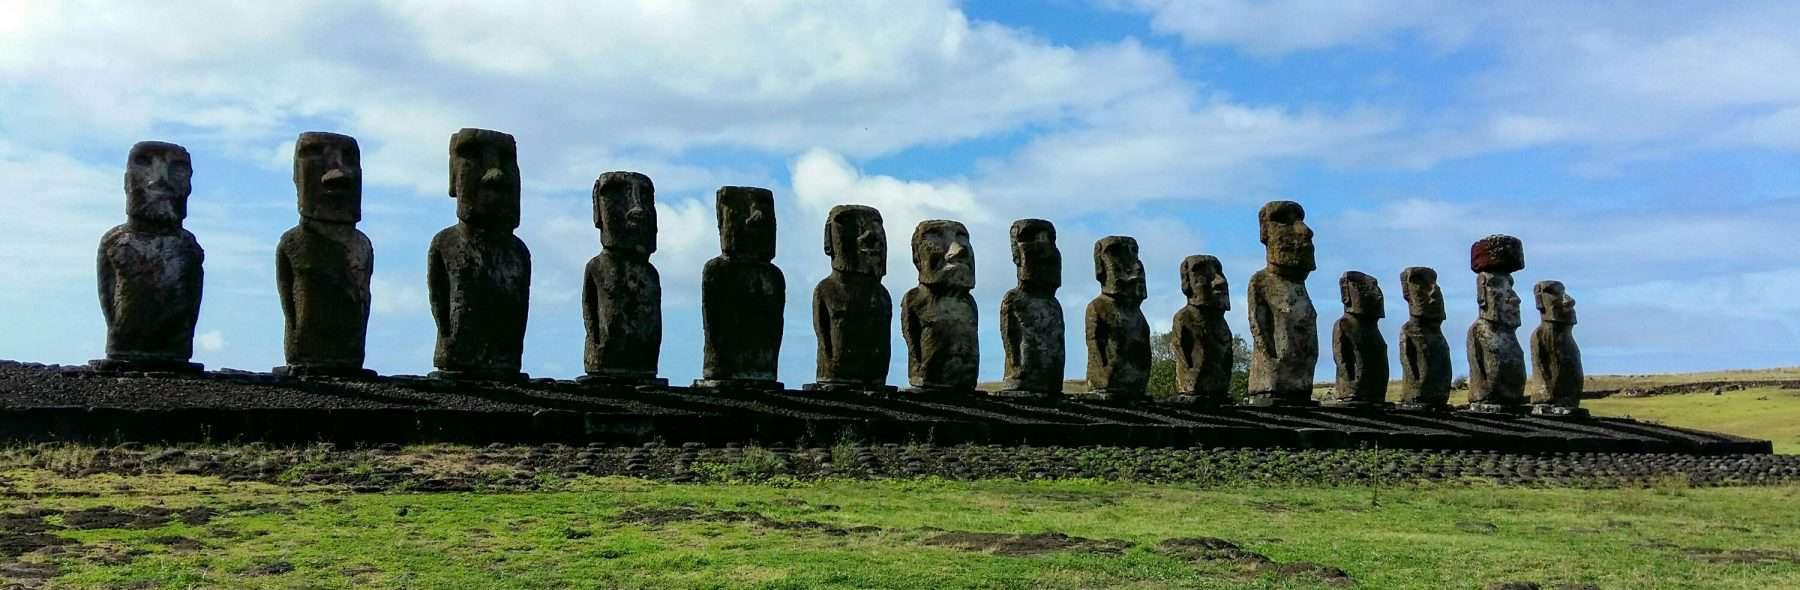 Ahu Tongariki, Easter Island, Rapa Nui, Chile